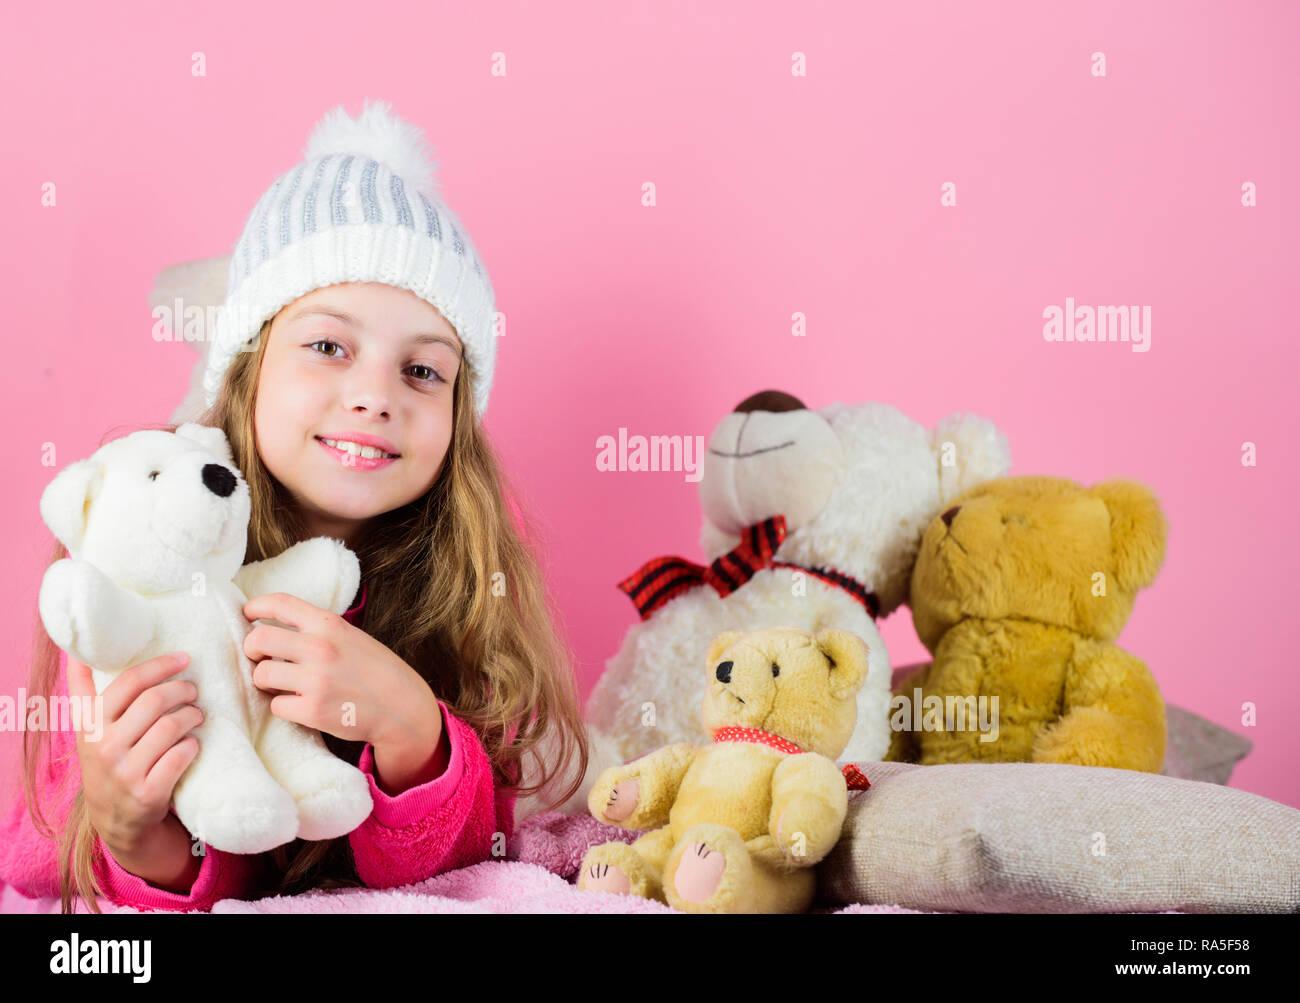 hot sale online 95467 0c4b1 Orsi collezione di giocattoli. Bambino piccolo ragazza ...